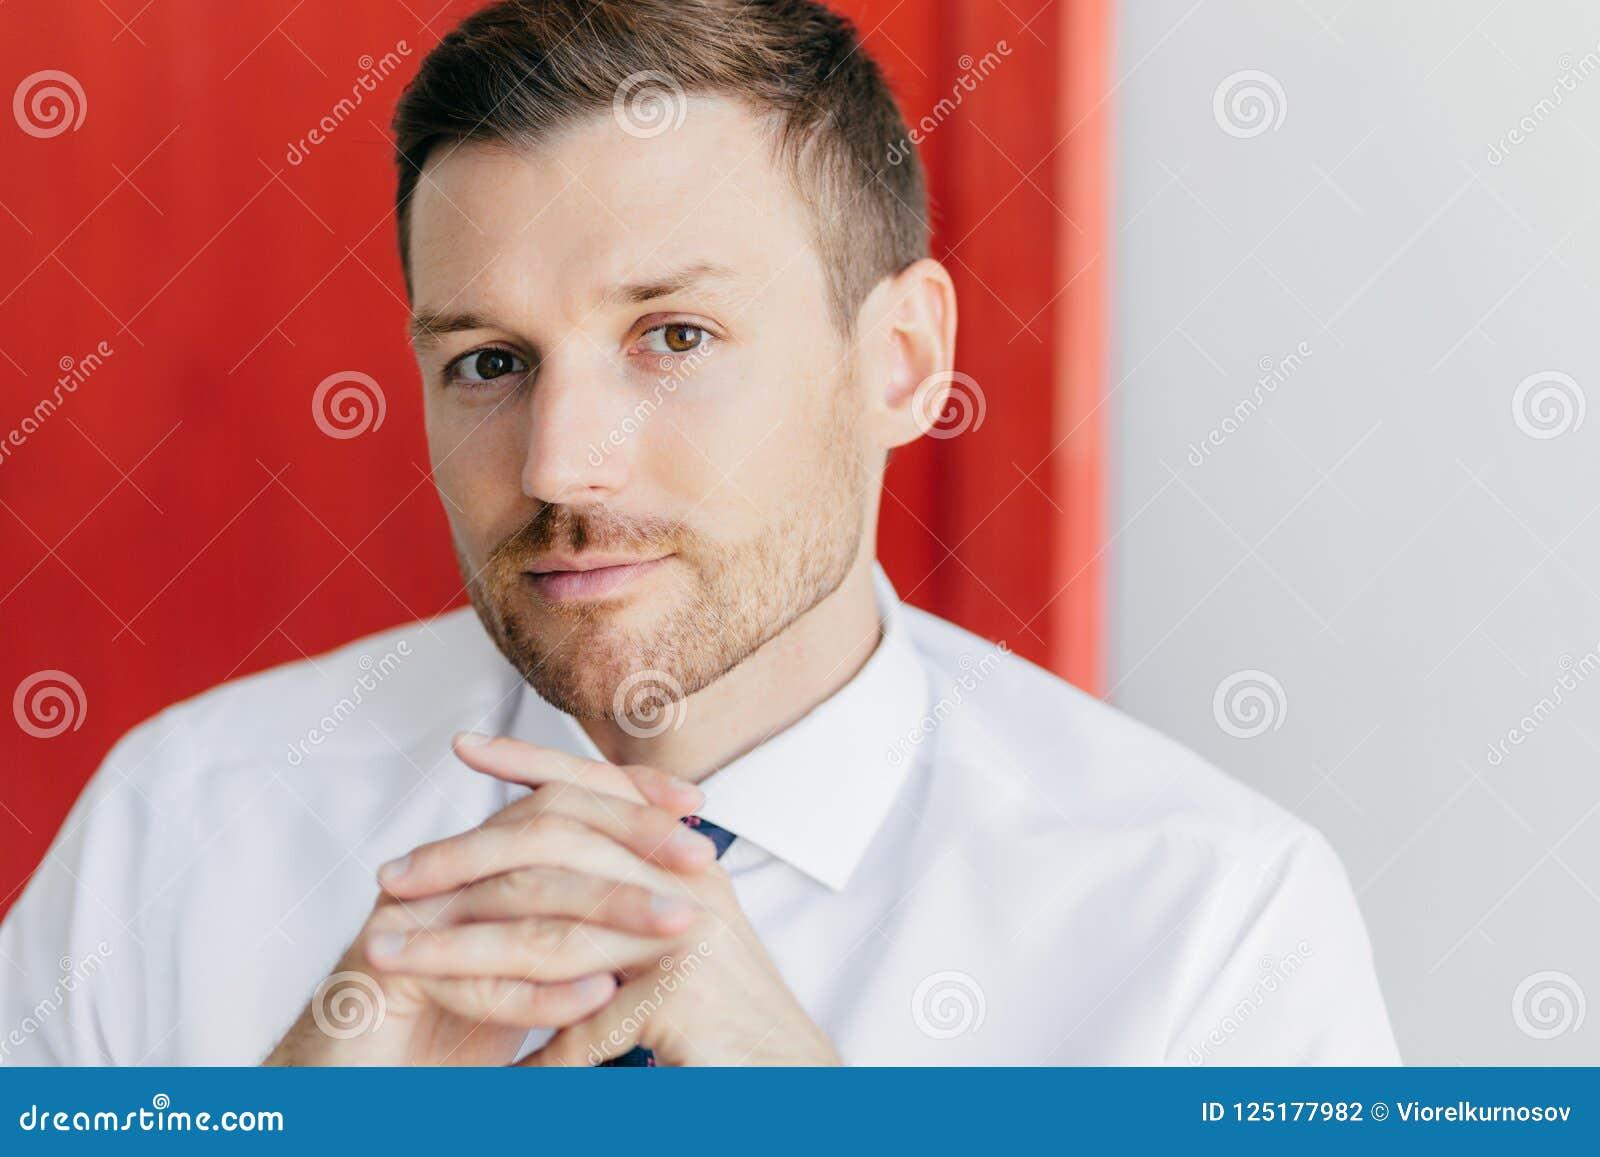 L image cultivée du jeune employé masculin sûr avec le poil, maintient des mains pressées ensemble, habillé dans la chemise blanc